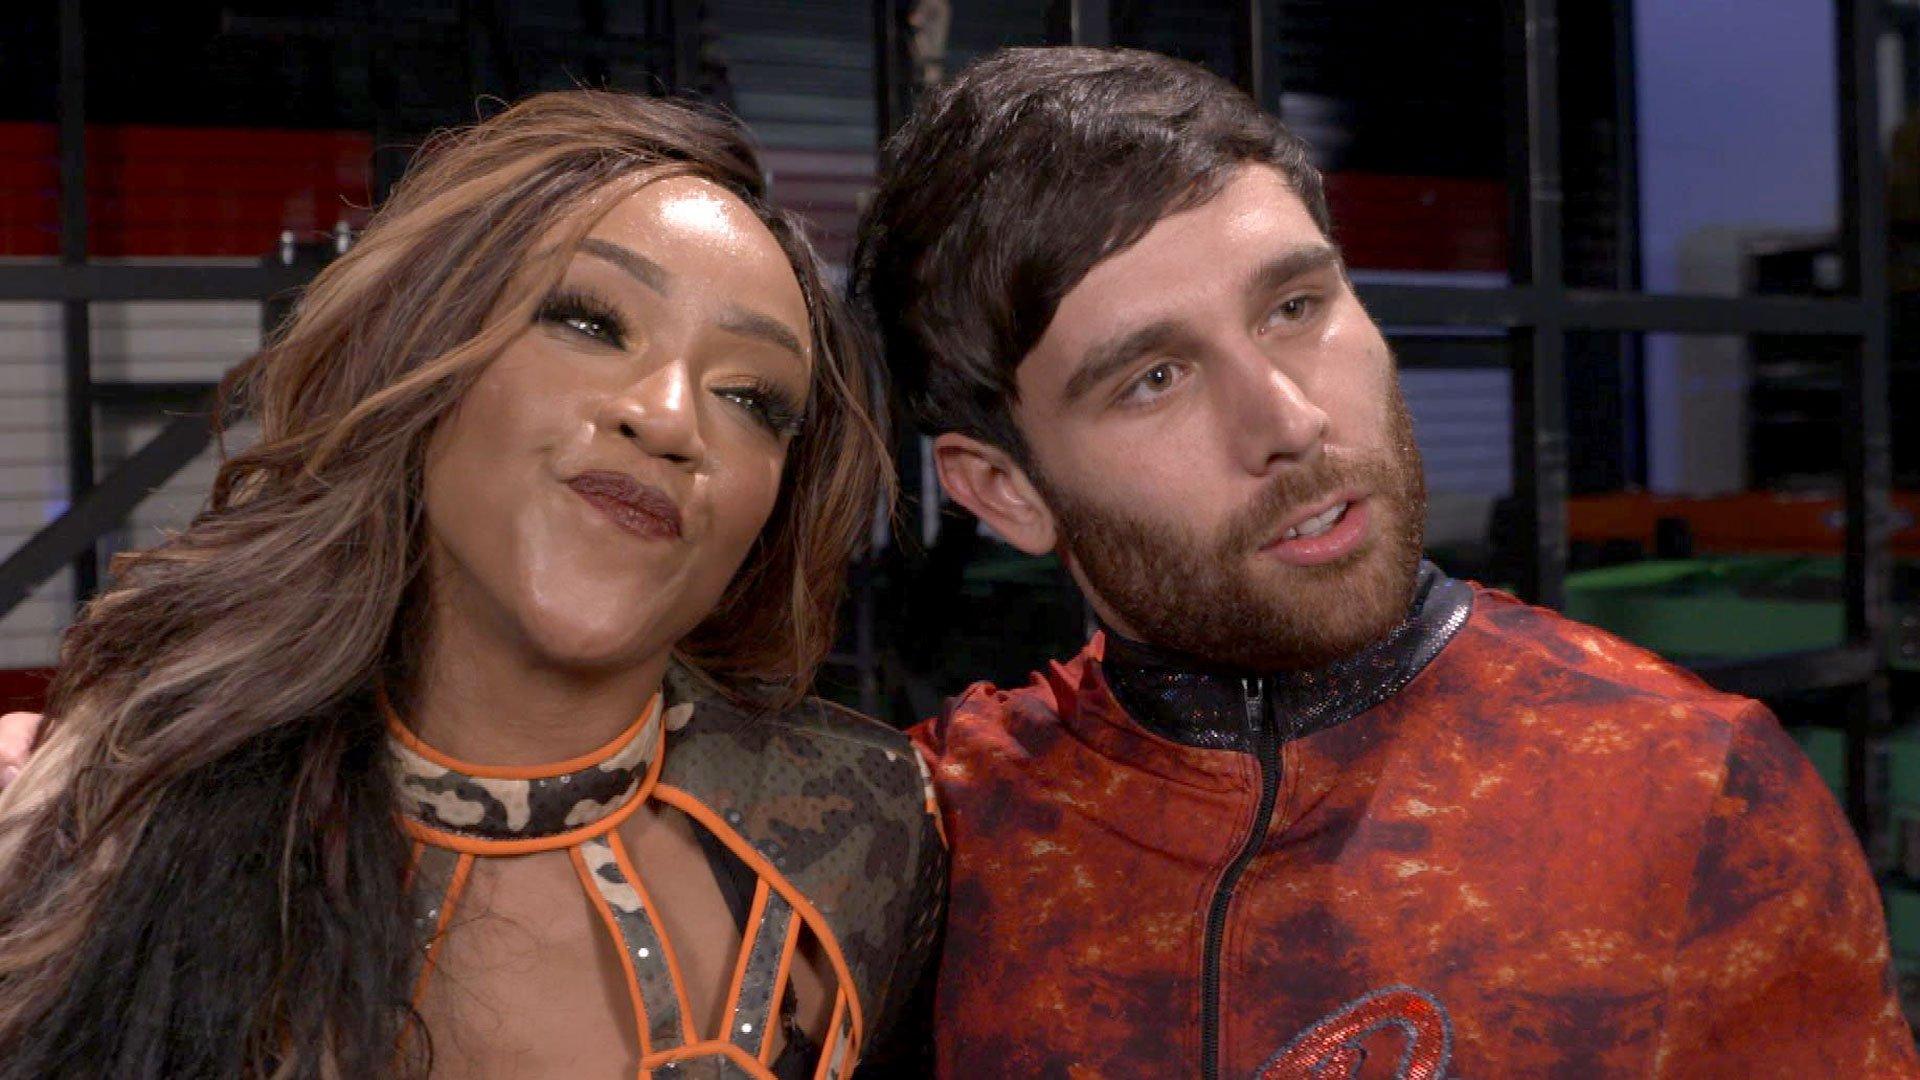 Alicia Fox i Noam Dar świętują za kulisami: WWE.com Exclusive 15.05.17